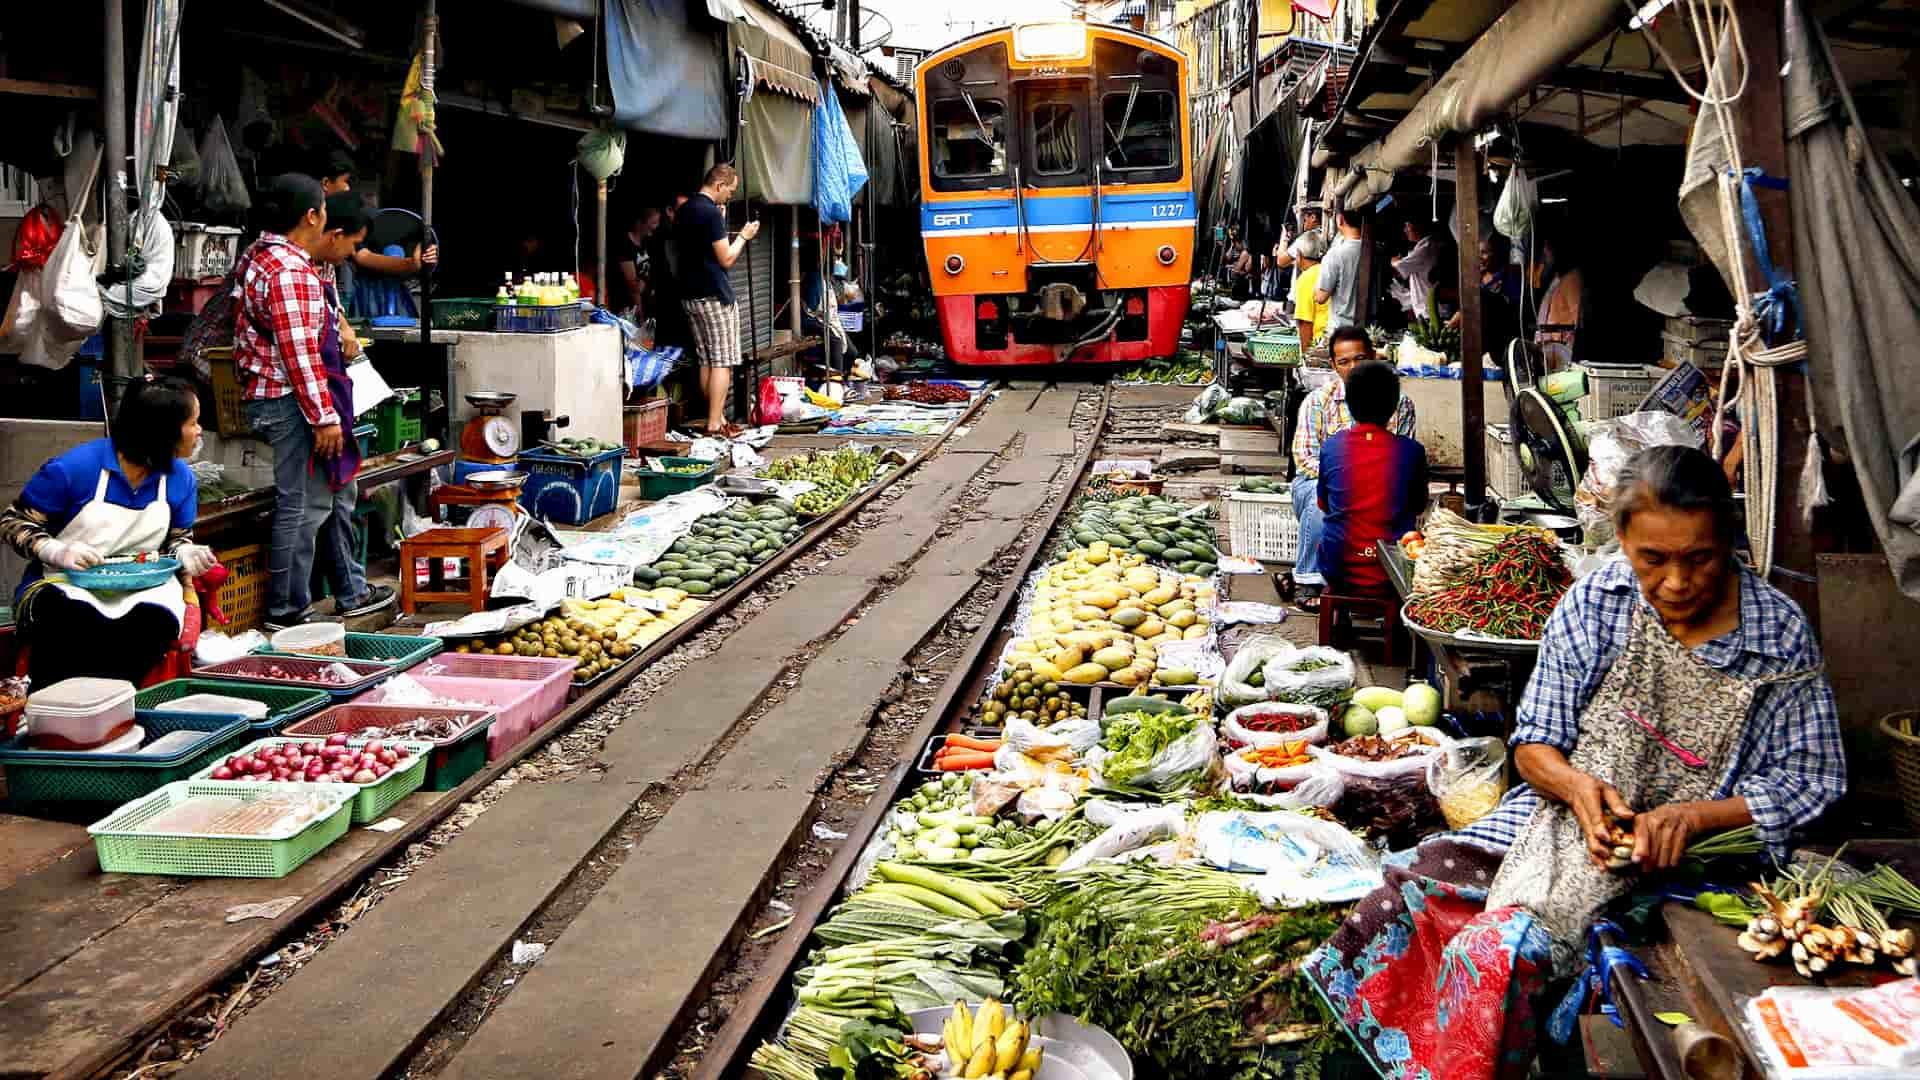 Viaggio di nozze in Thailandia Rail market